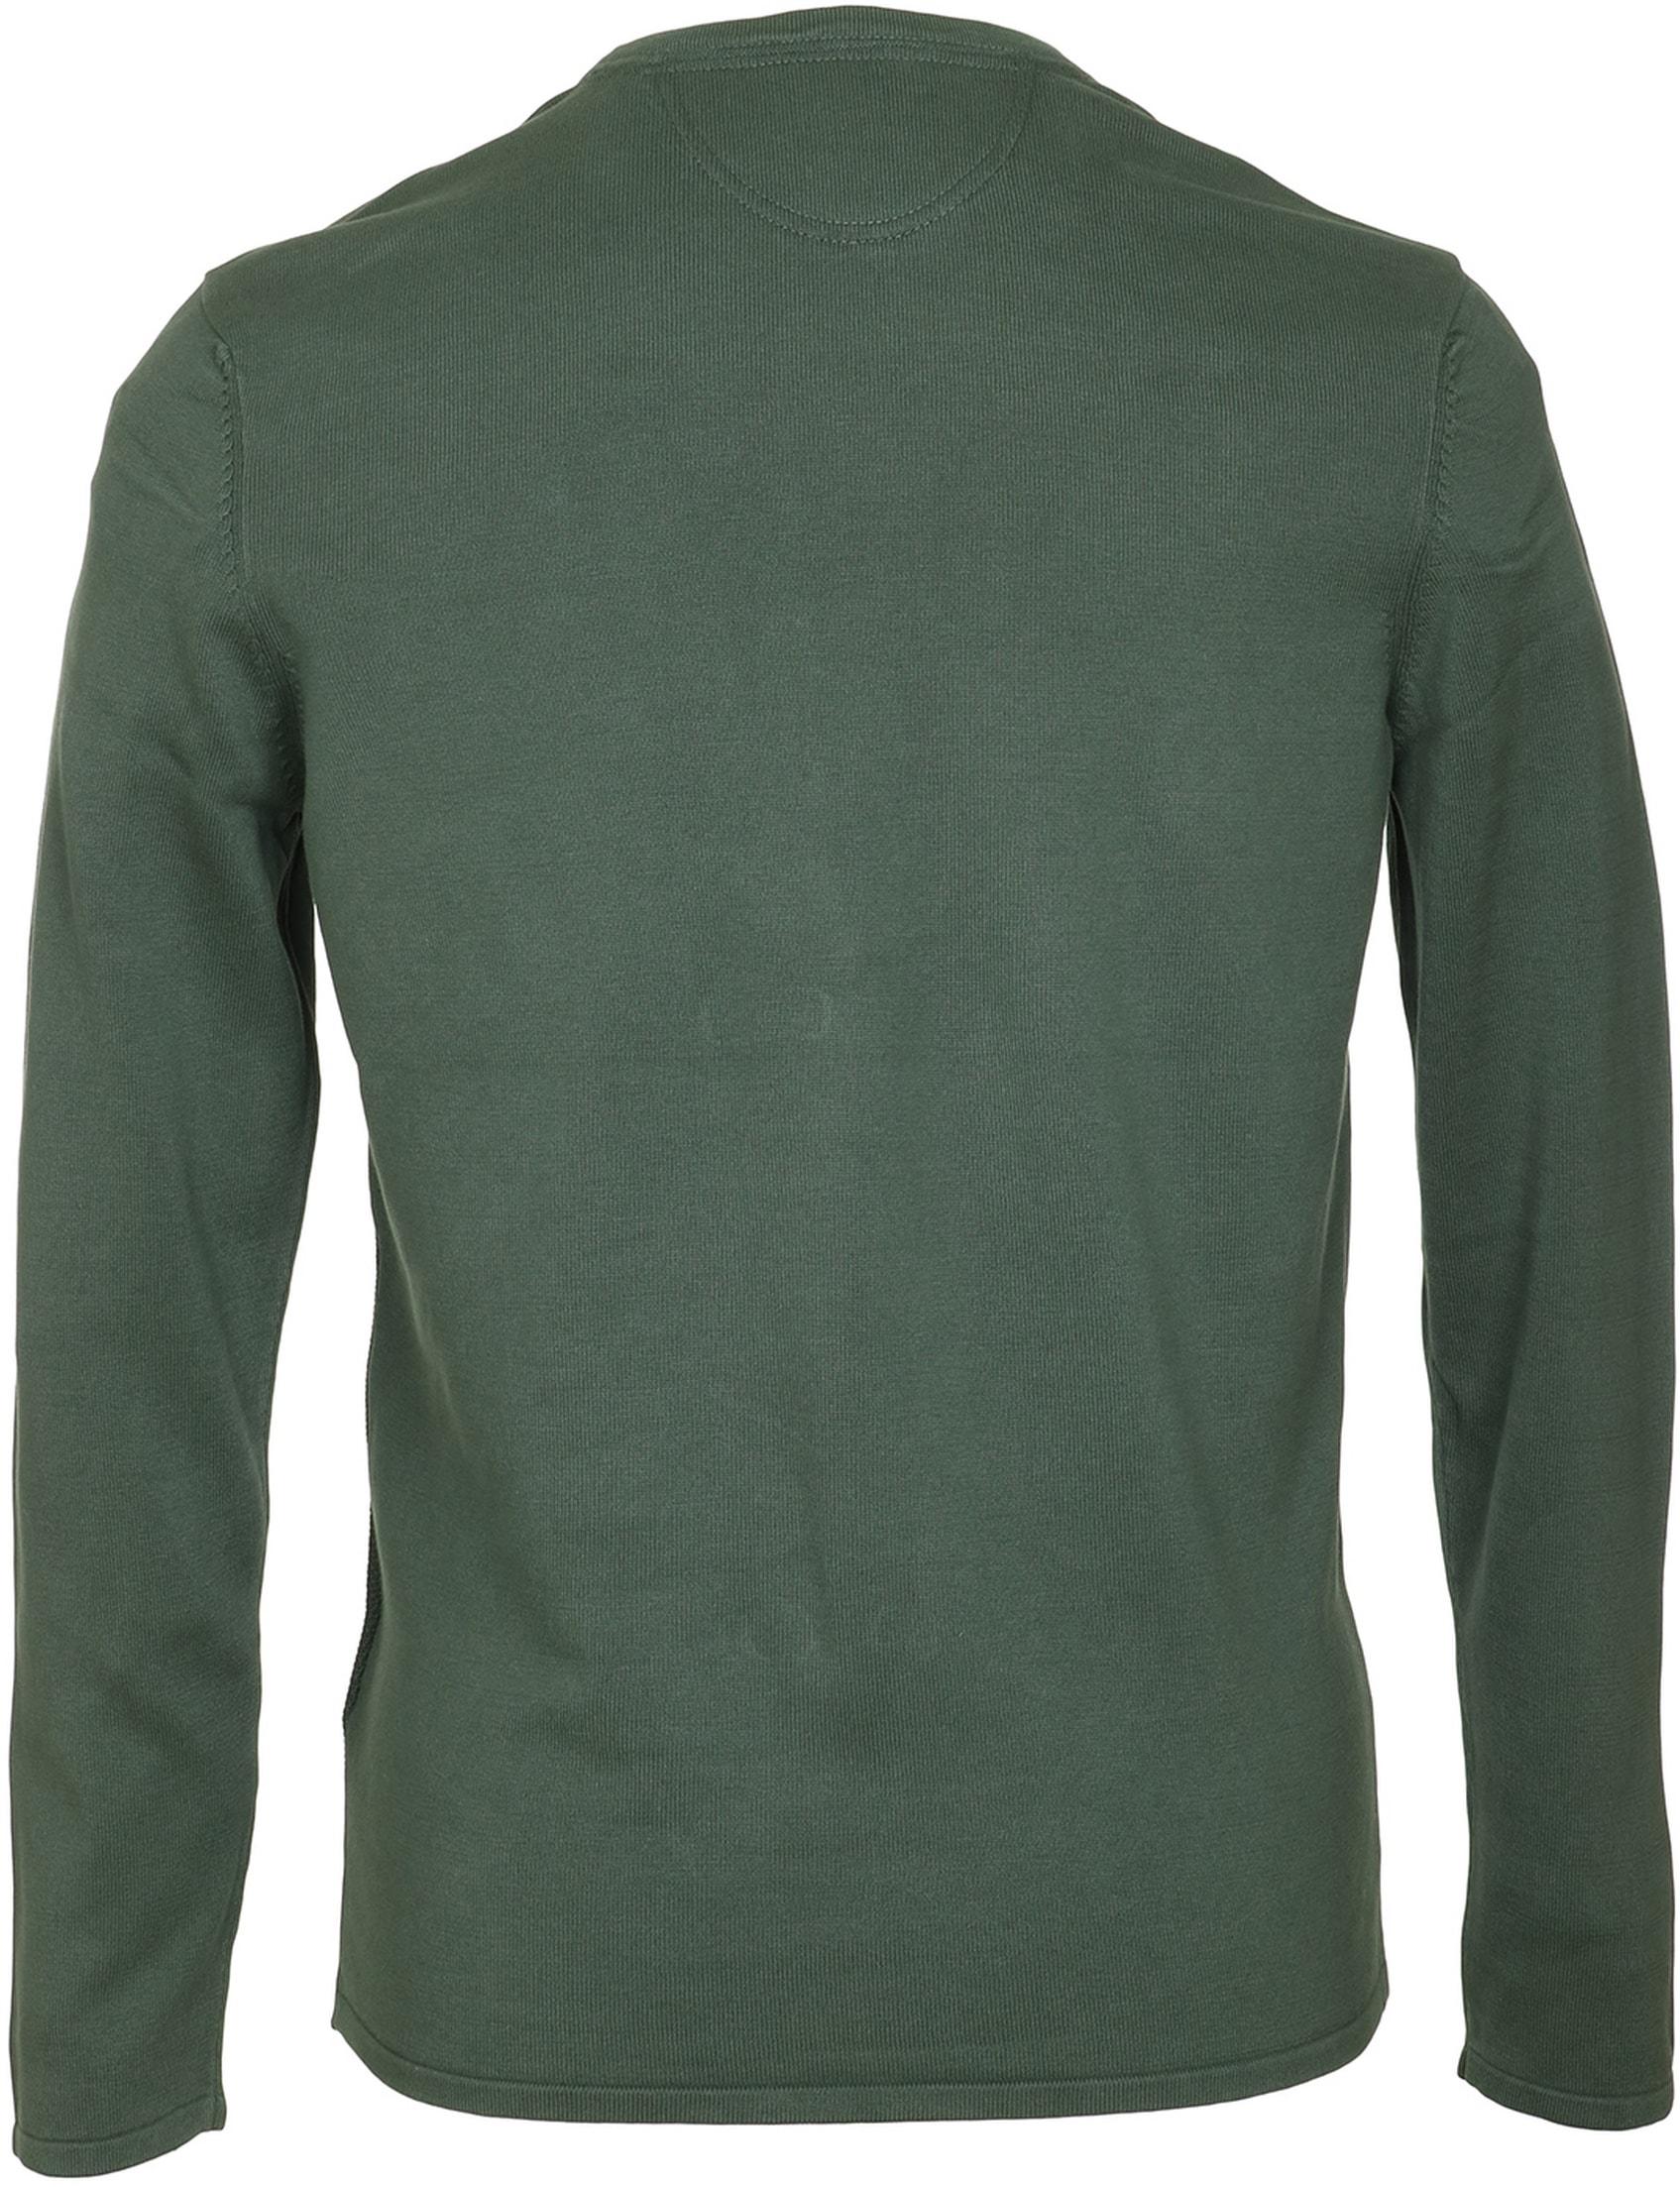 Marc O'Polo Pullover Groen foto 1